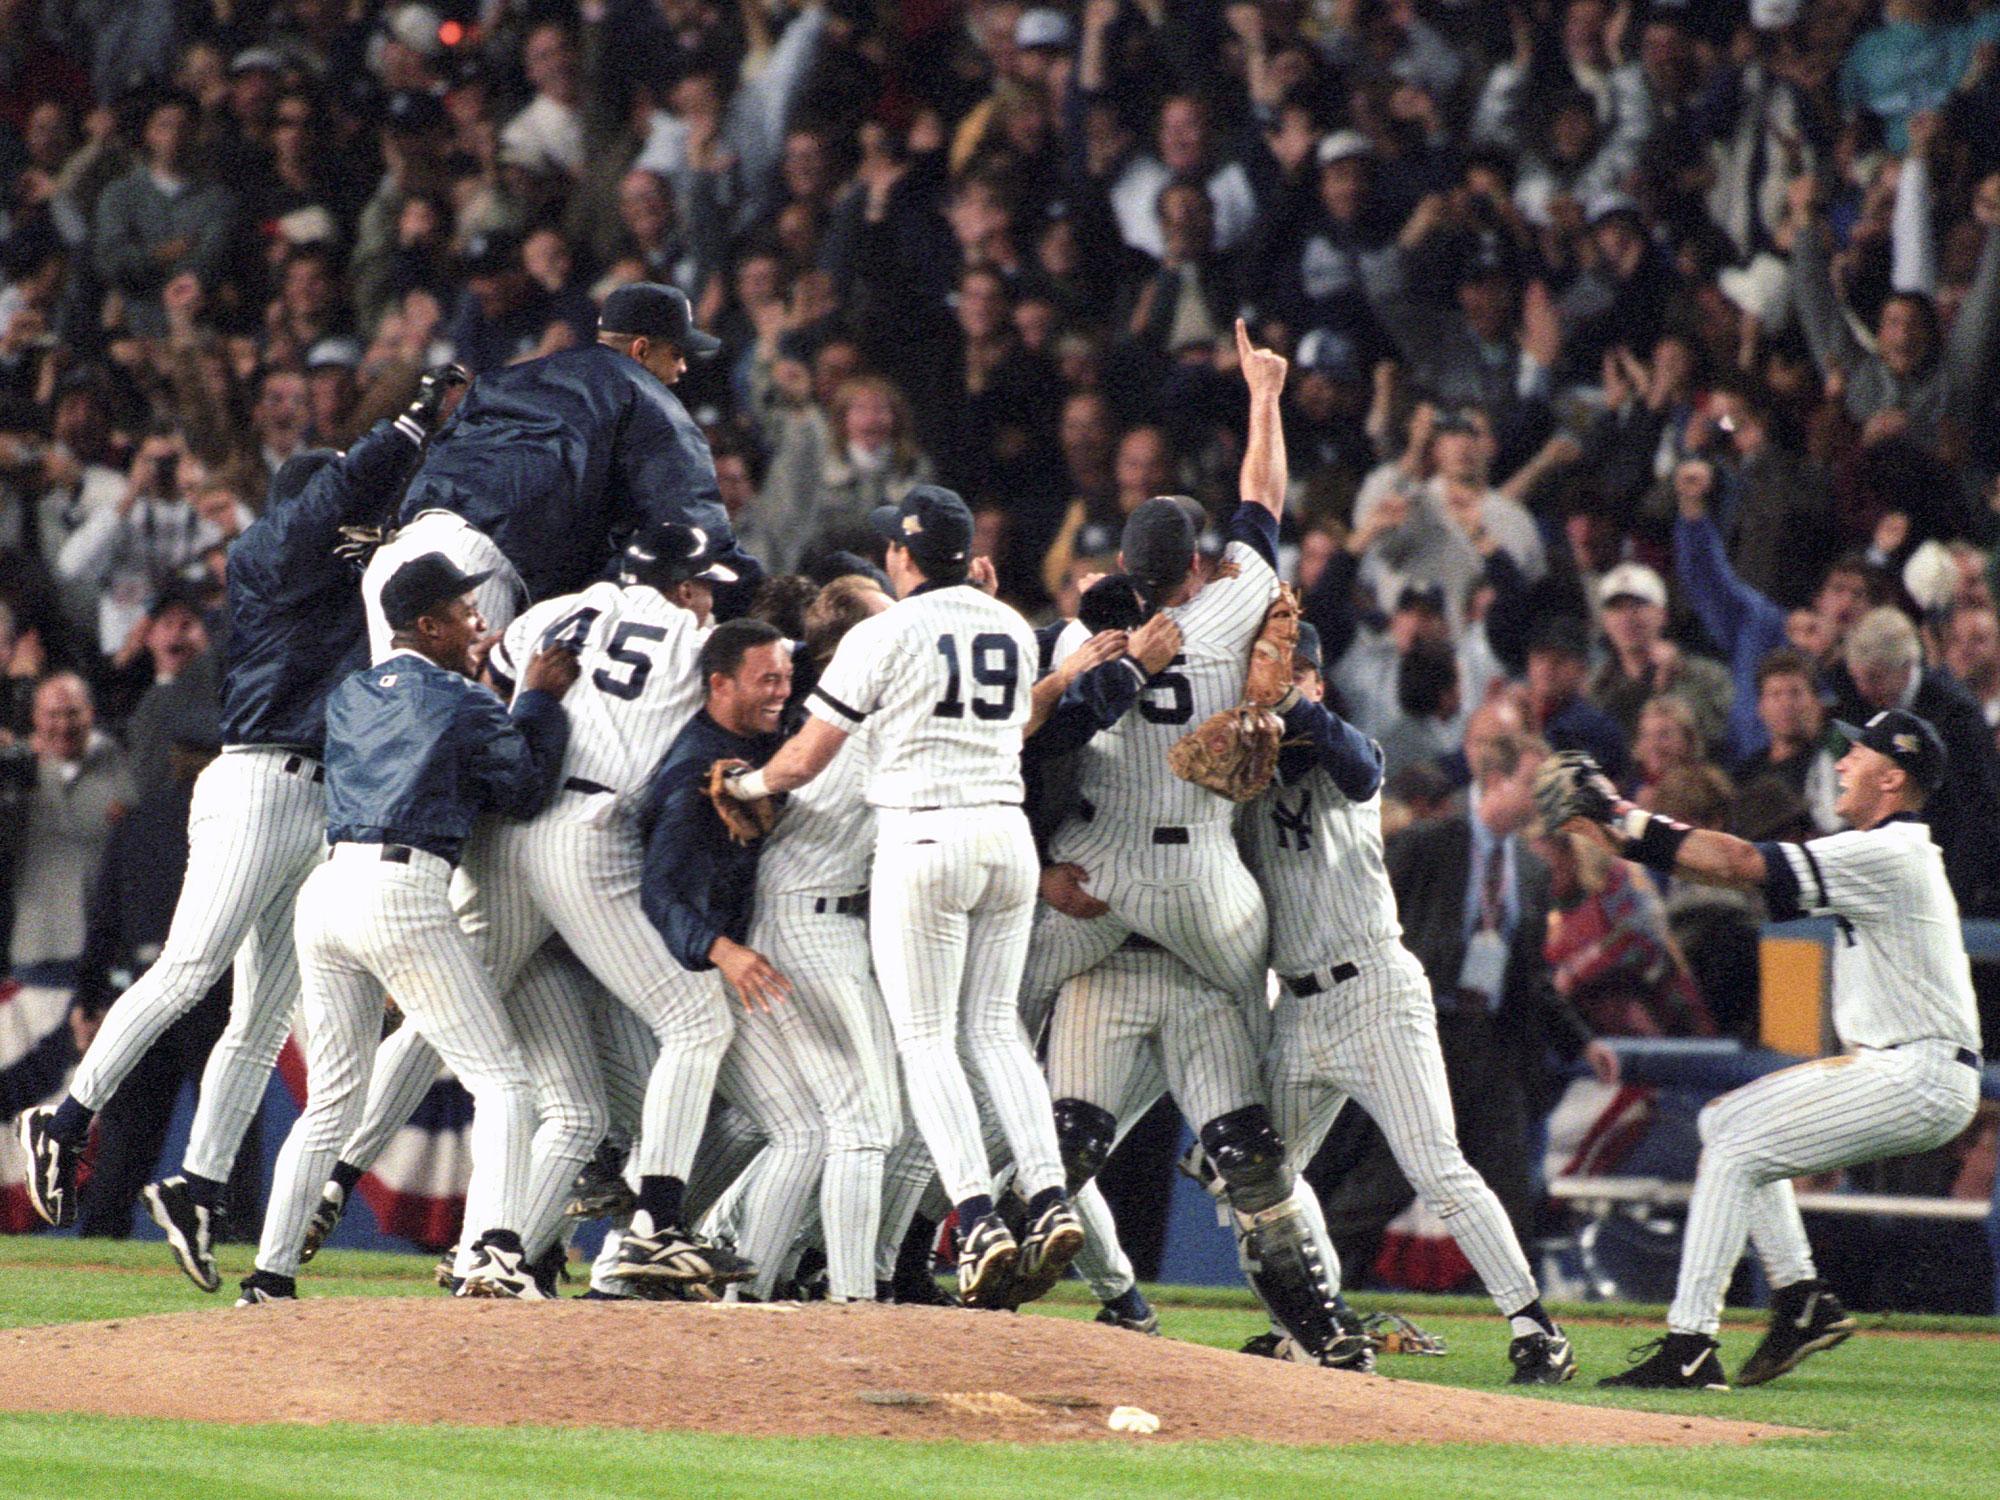 New York Yankees win World Series, 1996